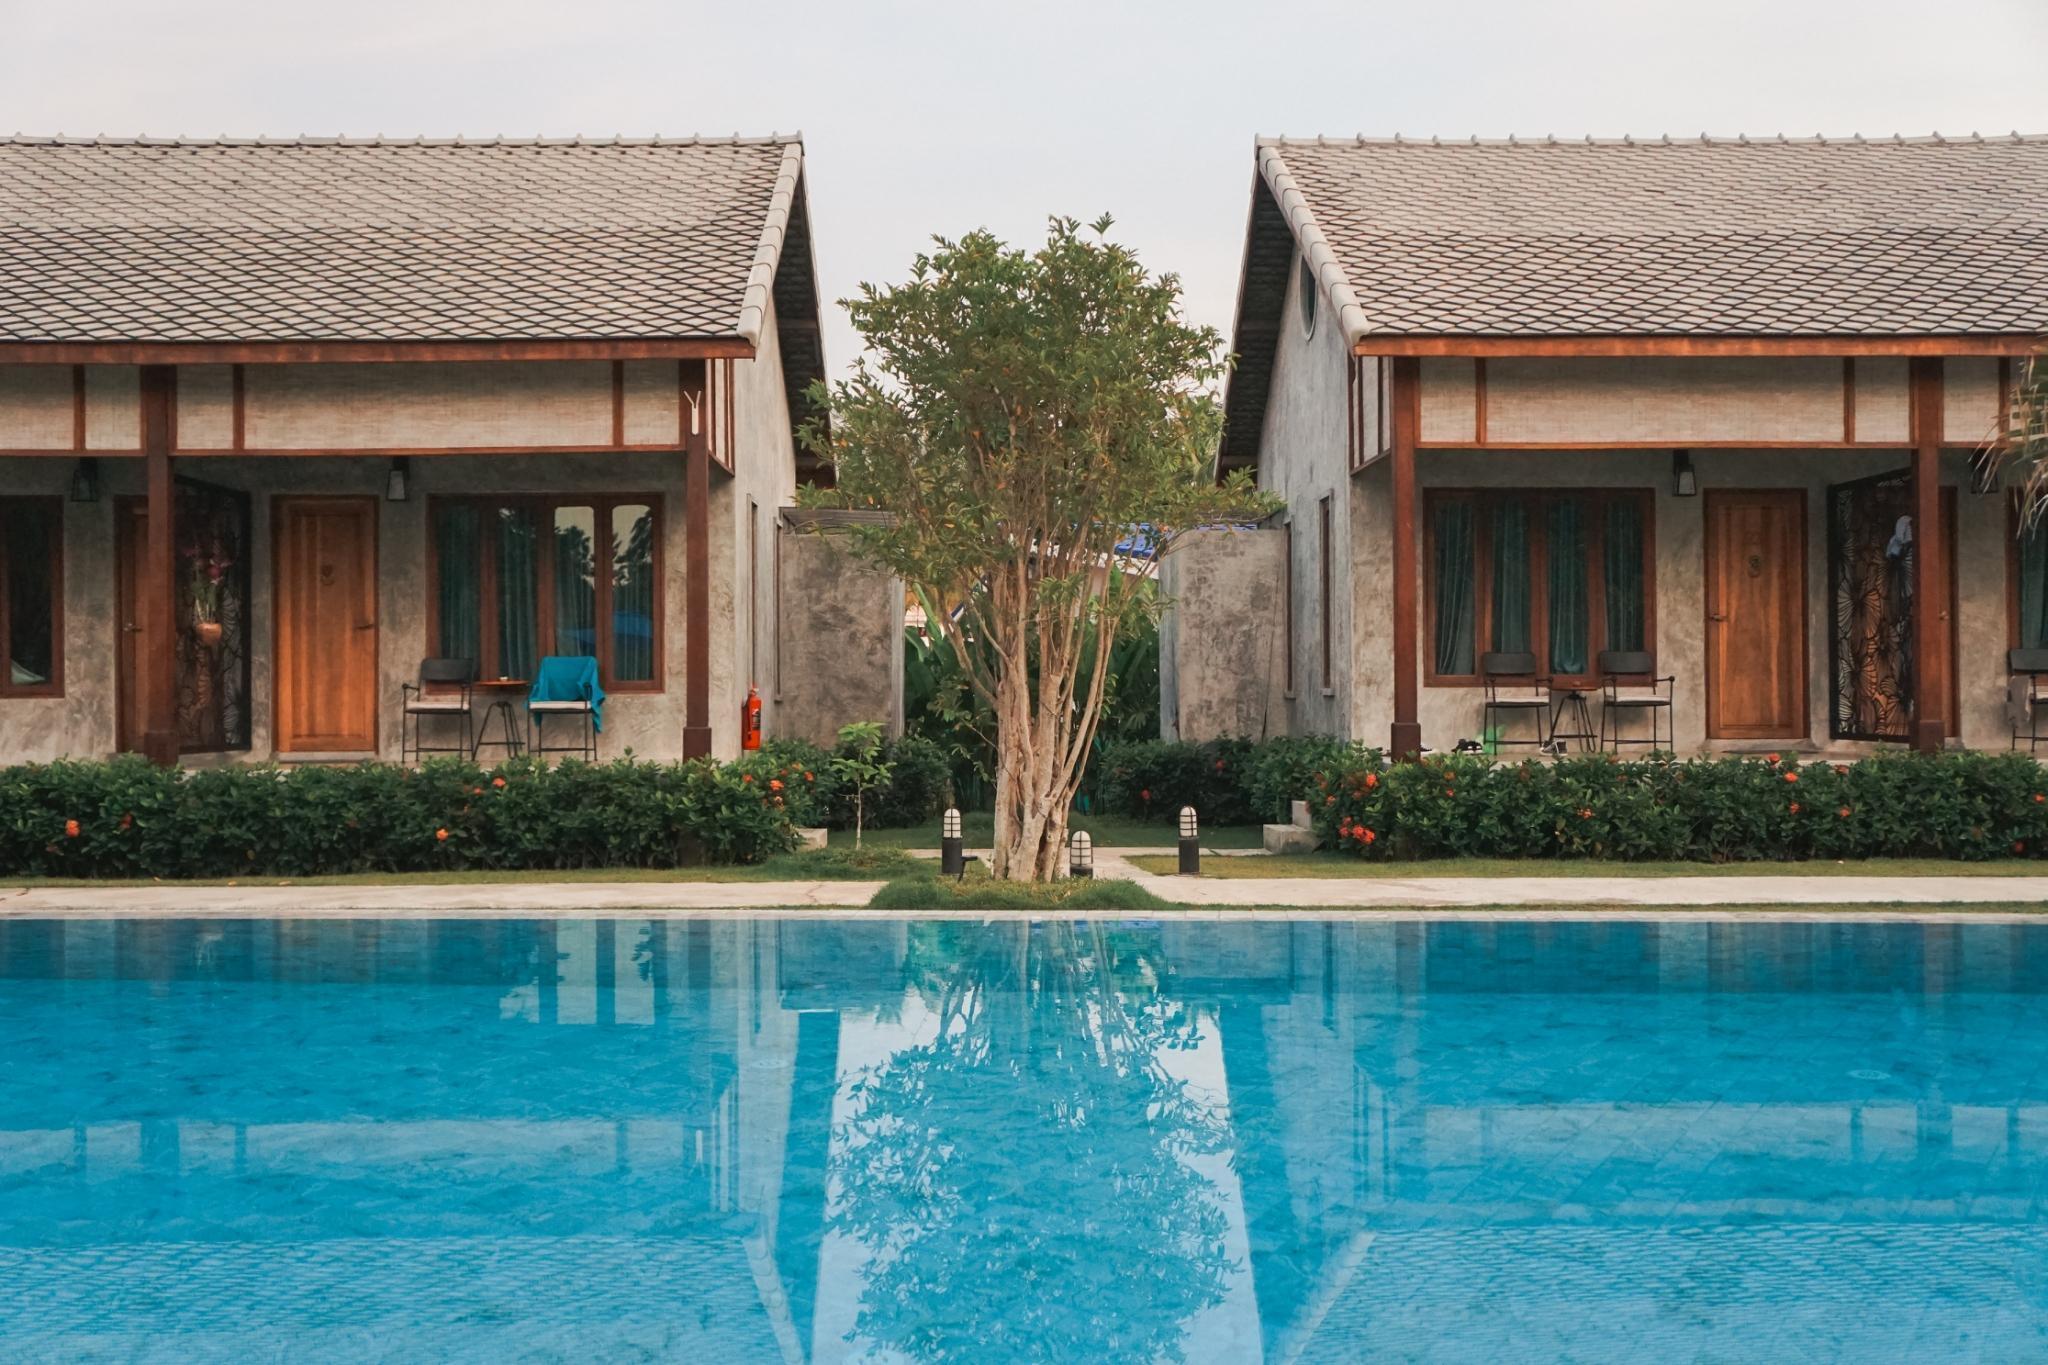 #IV Pool Luxury Villa Fleur, a romantic haven, BF บังกะโล 1 ห้องนอน 1 ห้องน้ำส่วนตัว ขนาด 40 ตร.ม. – หาดคลองดาว/หาดพระแอ